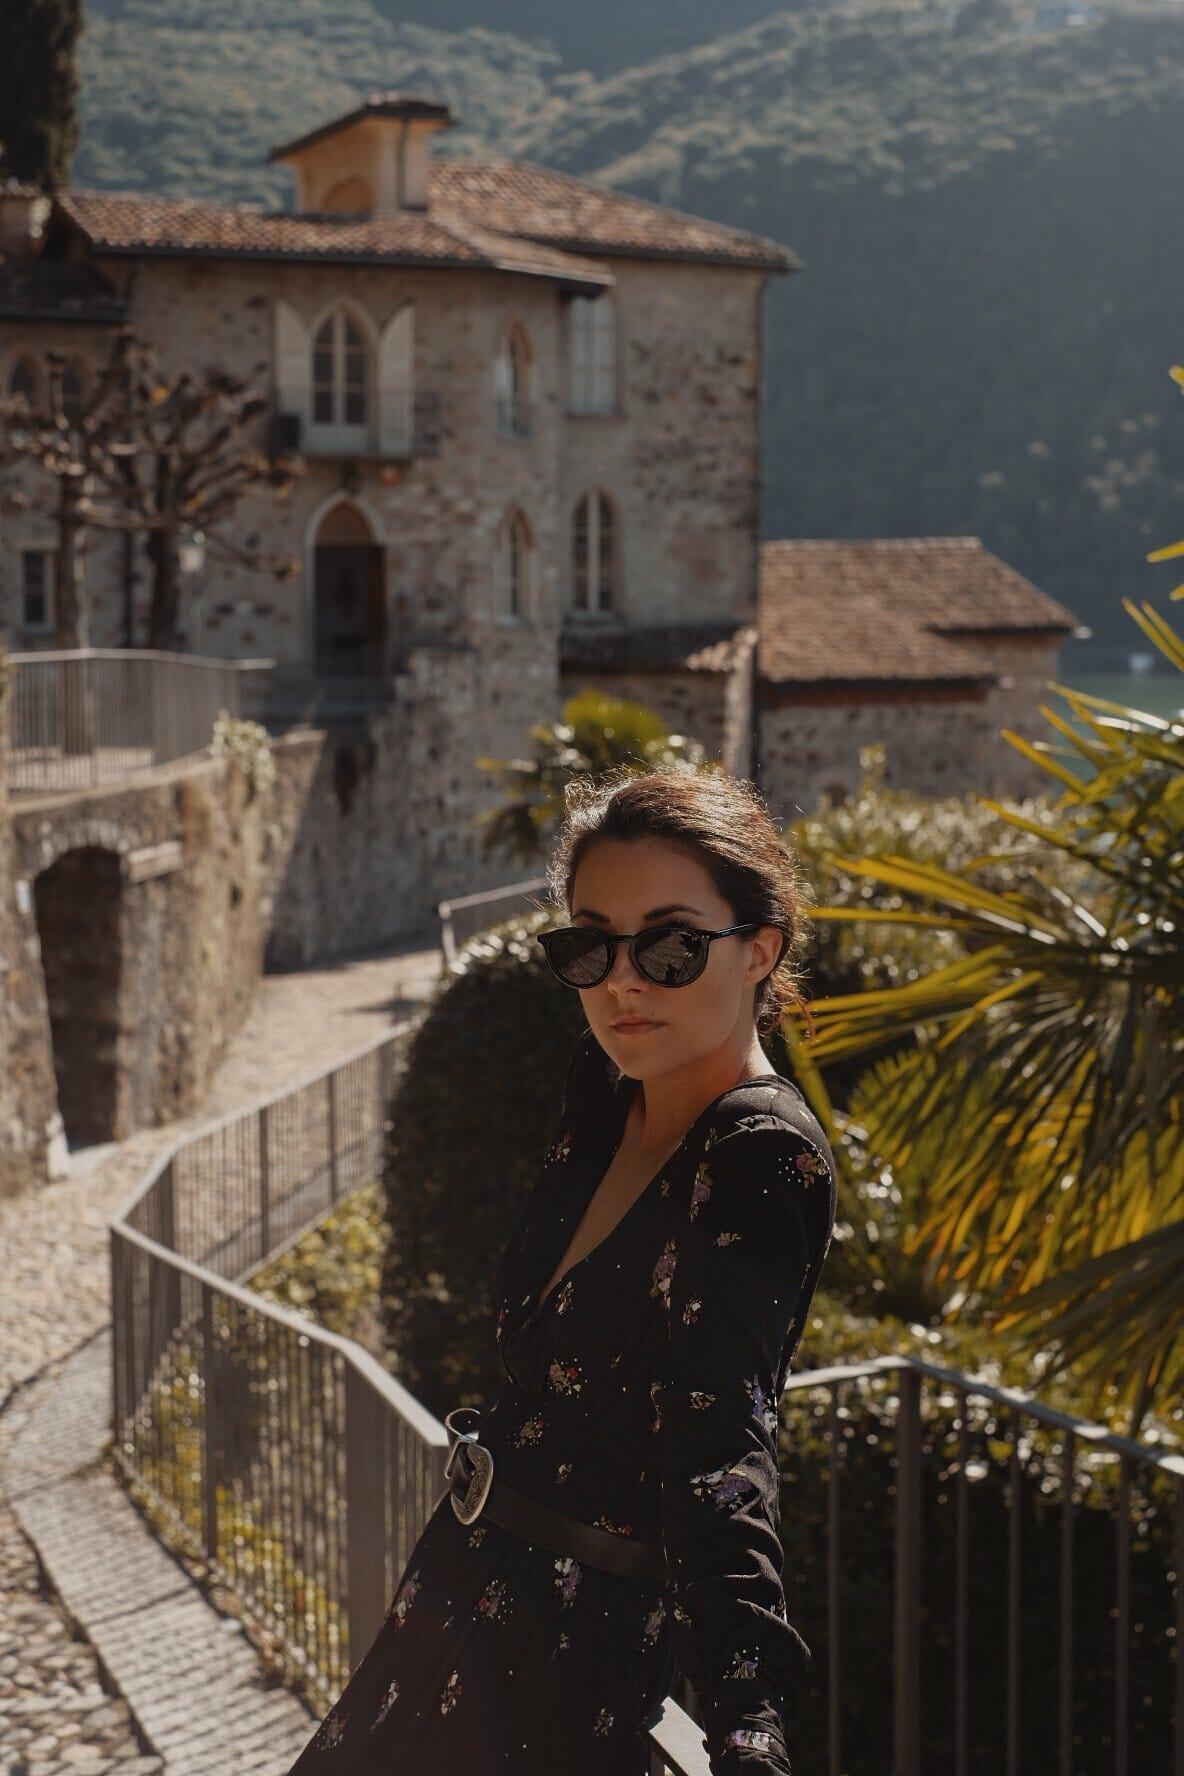 Région de Lugano Morgane Schaller Morcote